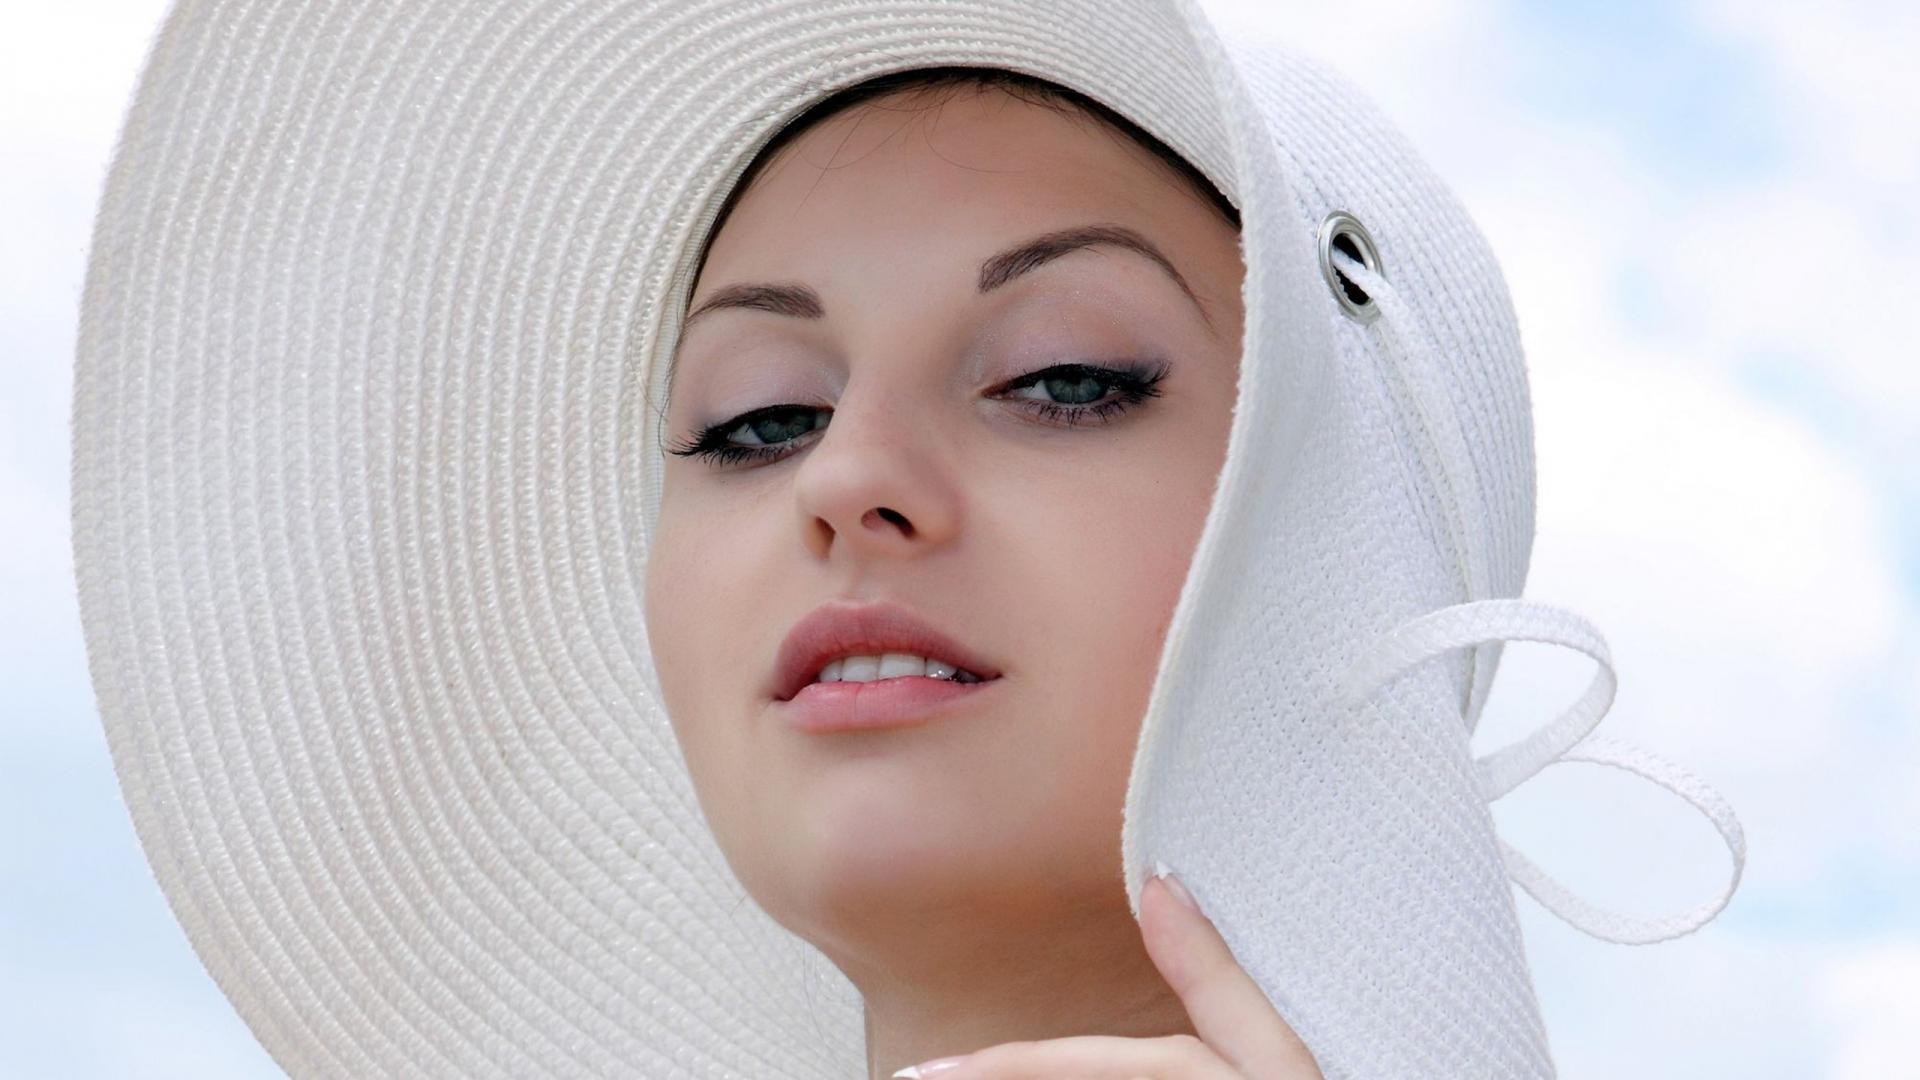 Rostro hermoso - 1920x1080